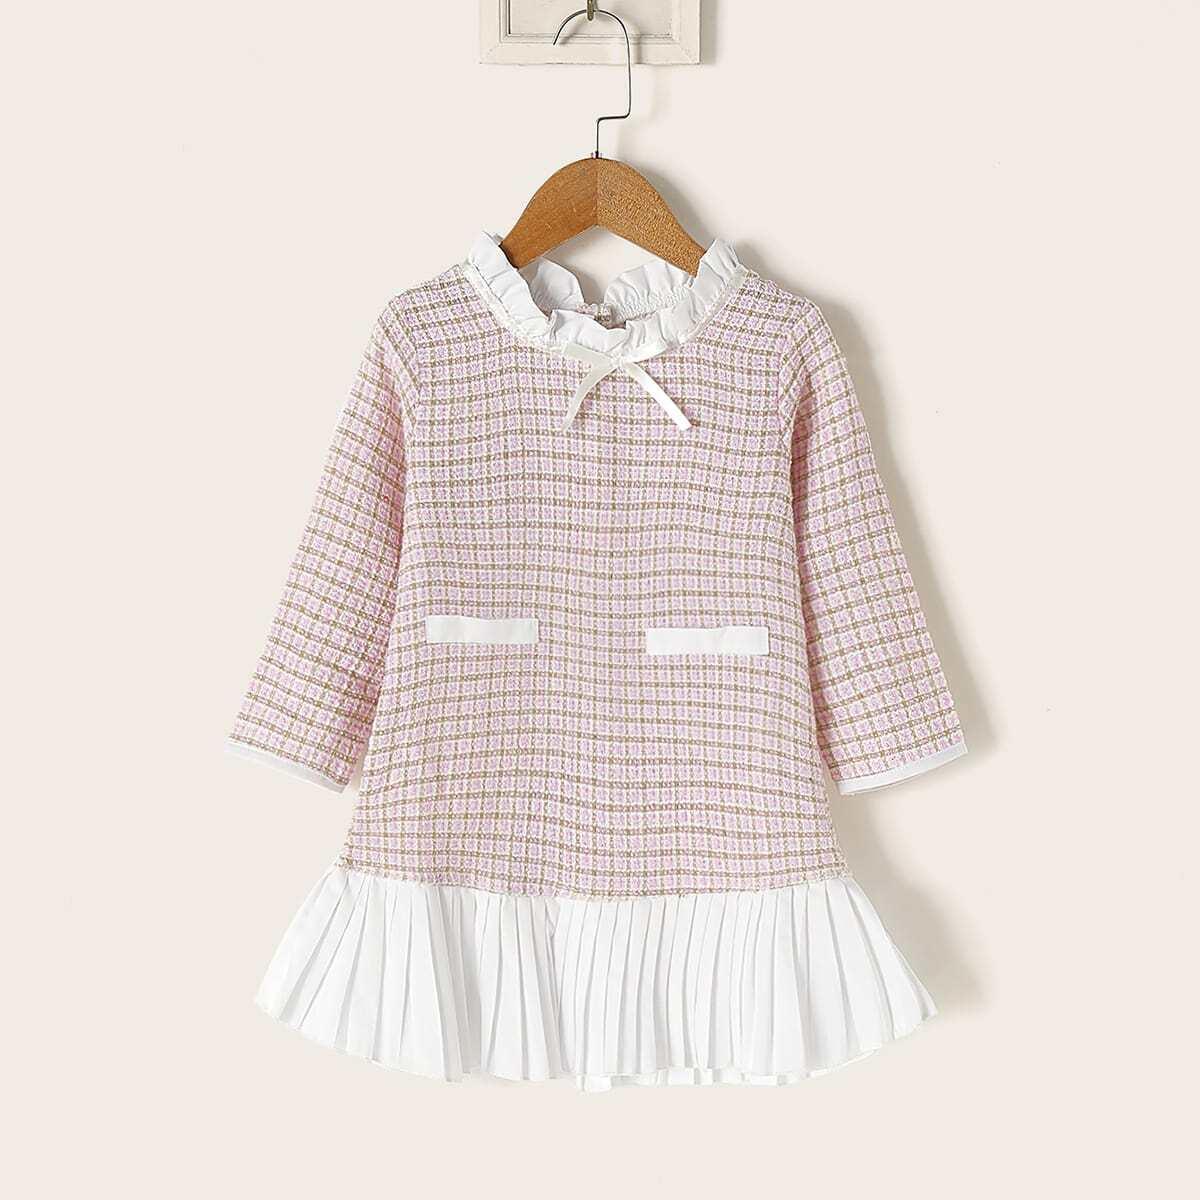 SHEIN / Kleinkind Mädchen Kleid mit Rüsche am Kragen, Kontrast Falten am Saum und Karo Muster